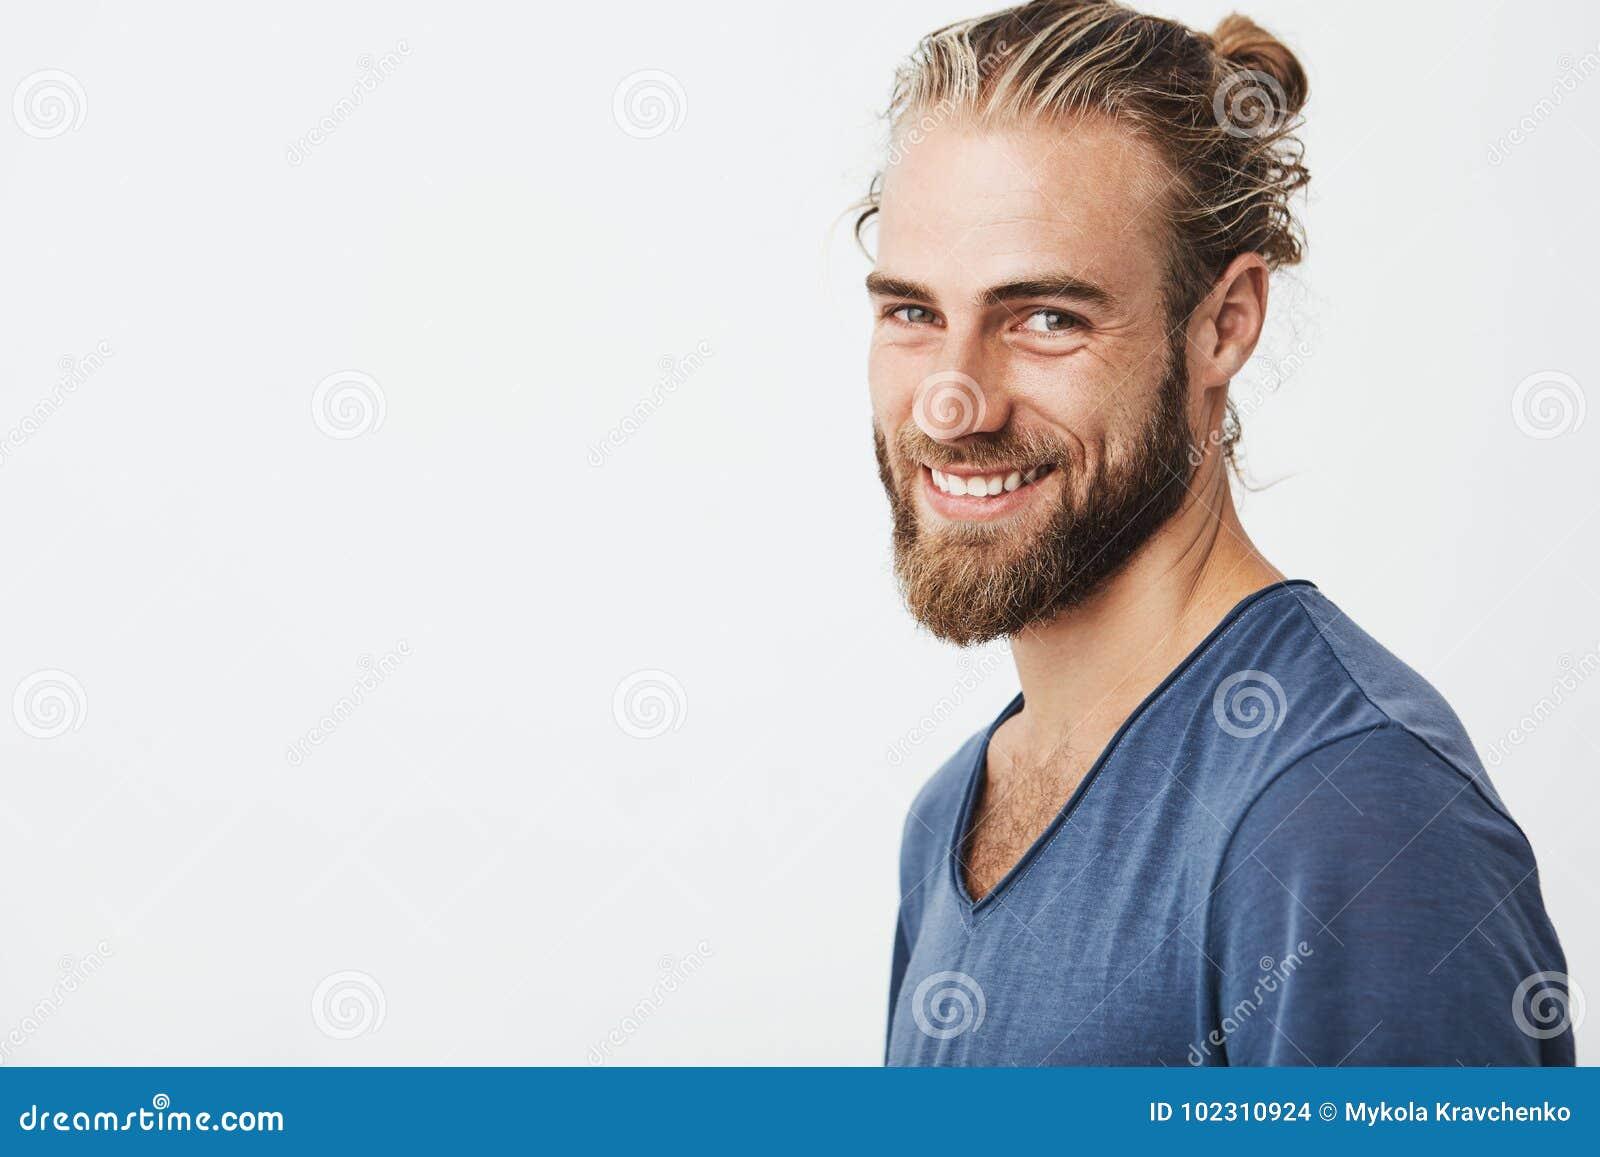 Lyckligt barn uppsökt grabb med den trendiga frisyren och skägg som ser kameran och brightfully att le med tänder och att vara